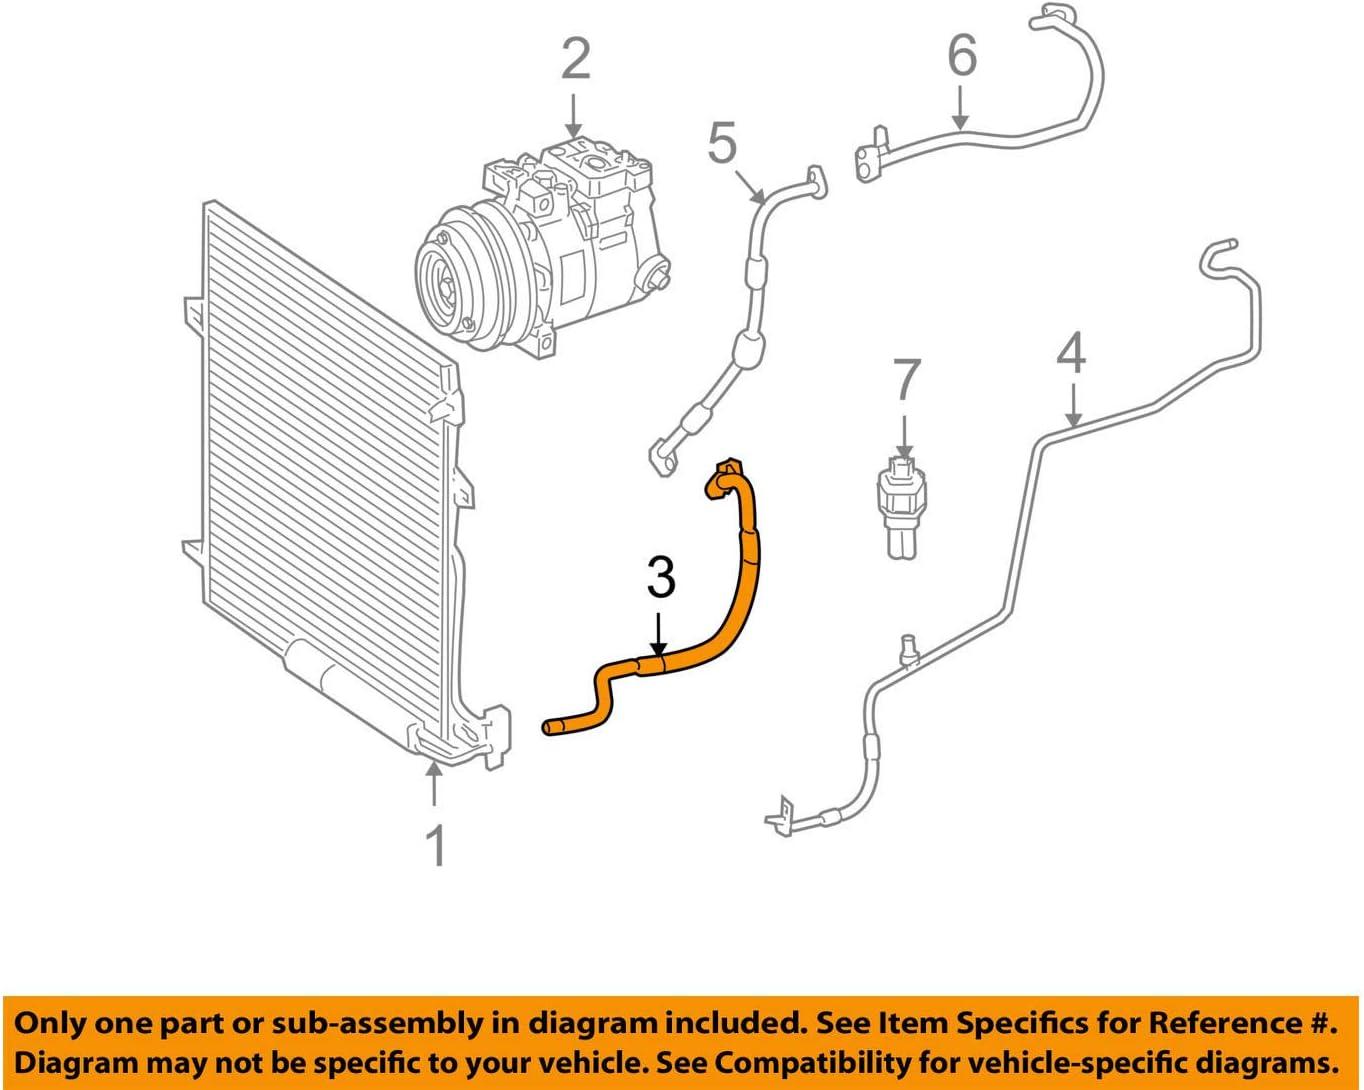 Mercedes-Benz 164 830 00 15 A//C Refrigerant Discharge Hose